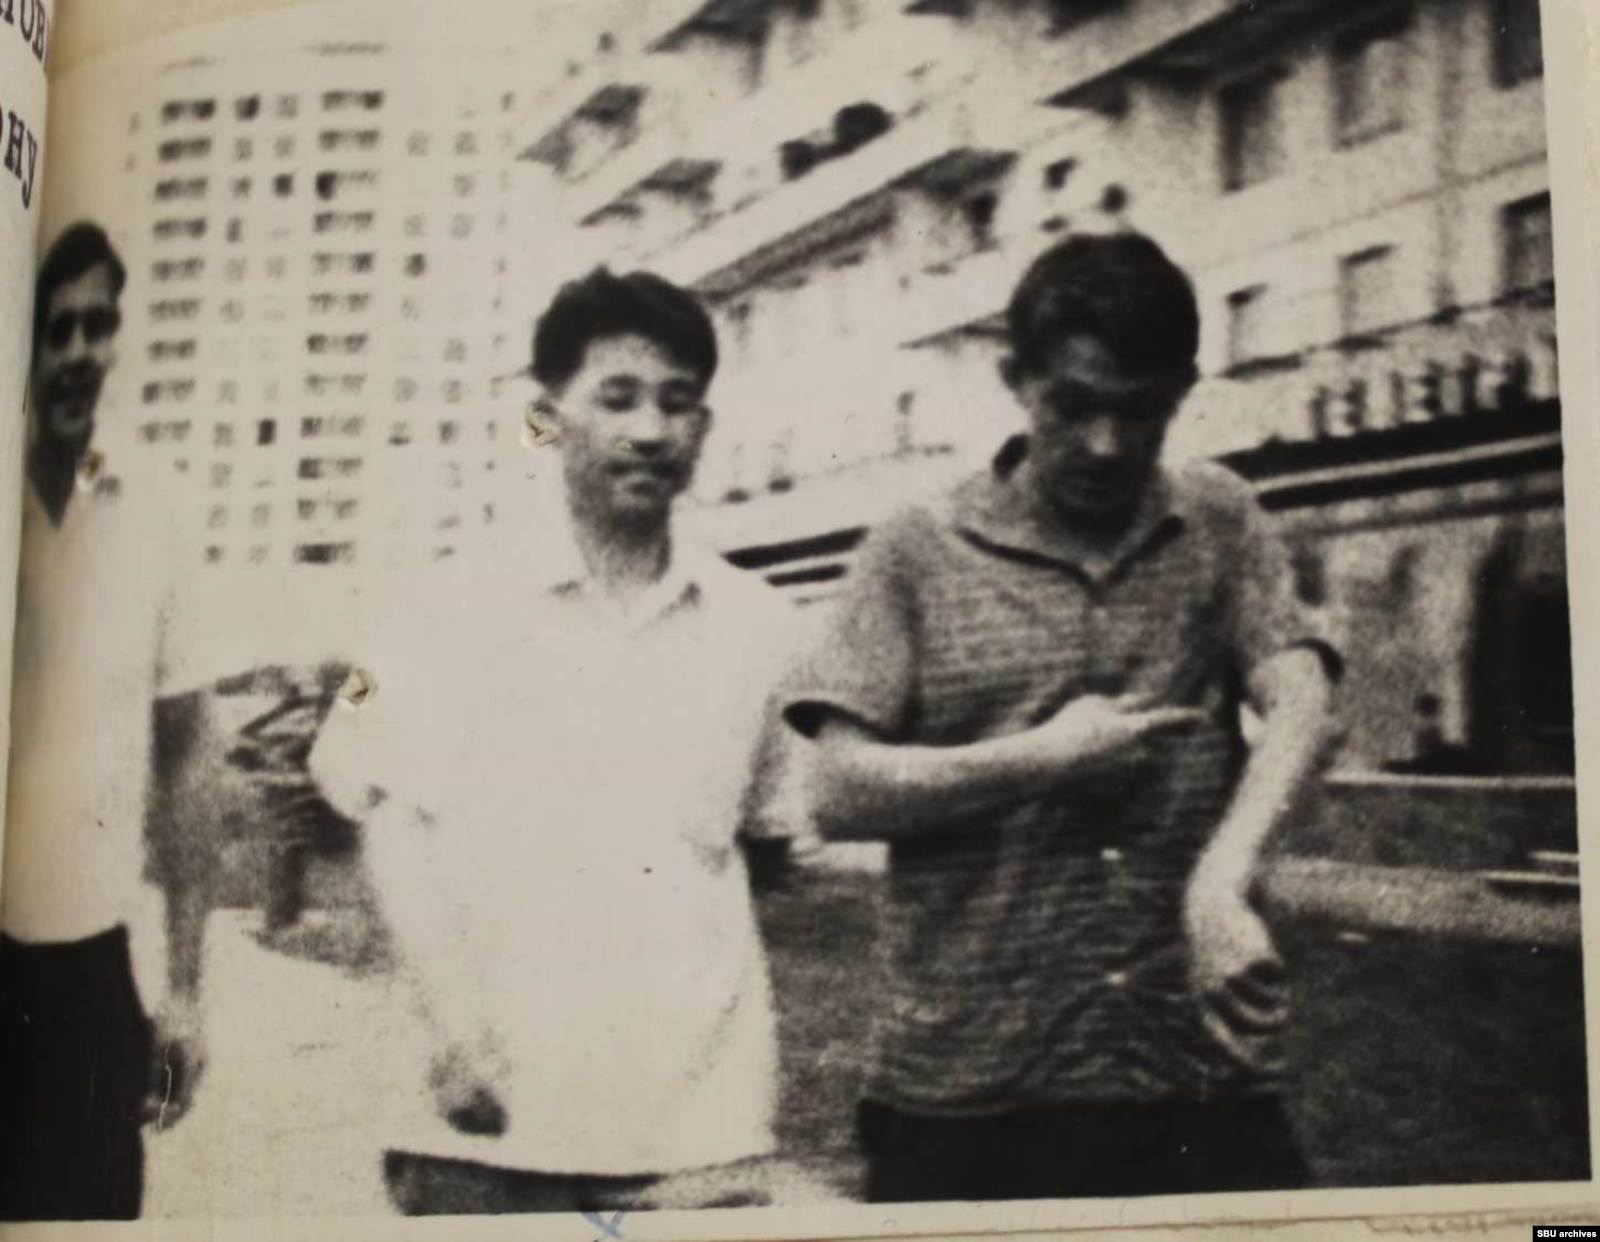 Справа Пушкарь, в центре Пак, а слева, вероятно, Наумов («Иванов»). Фото КГБ, сделанное скрытой камерой. Из оперативного дела